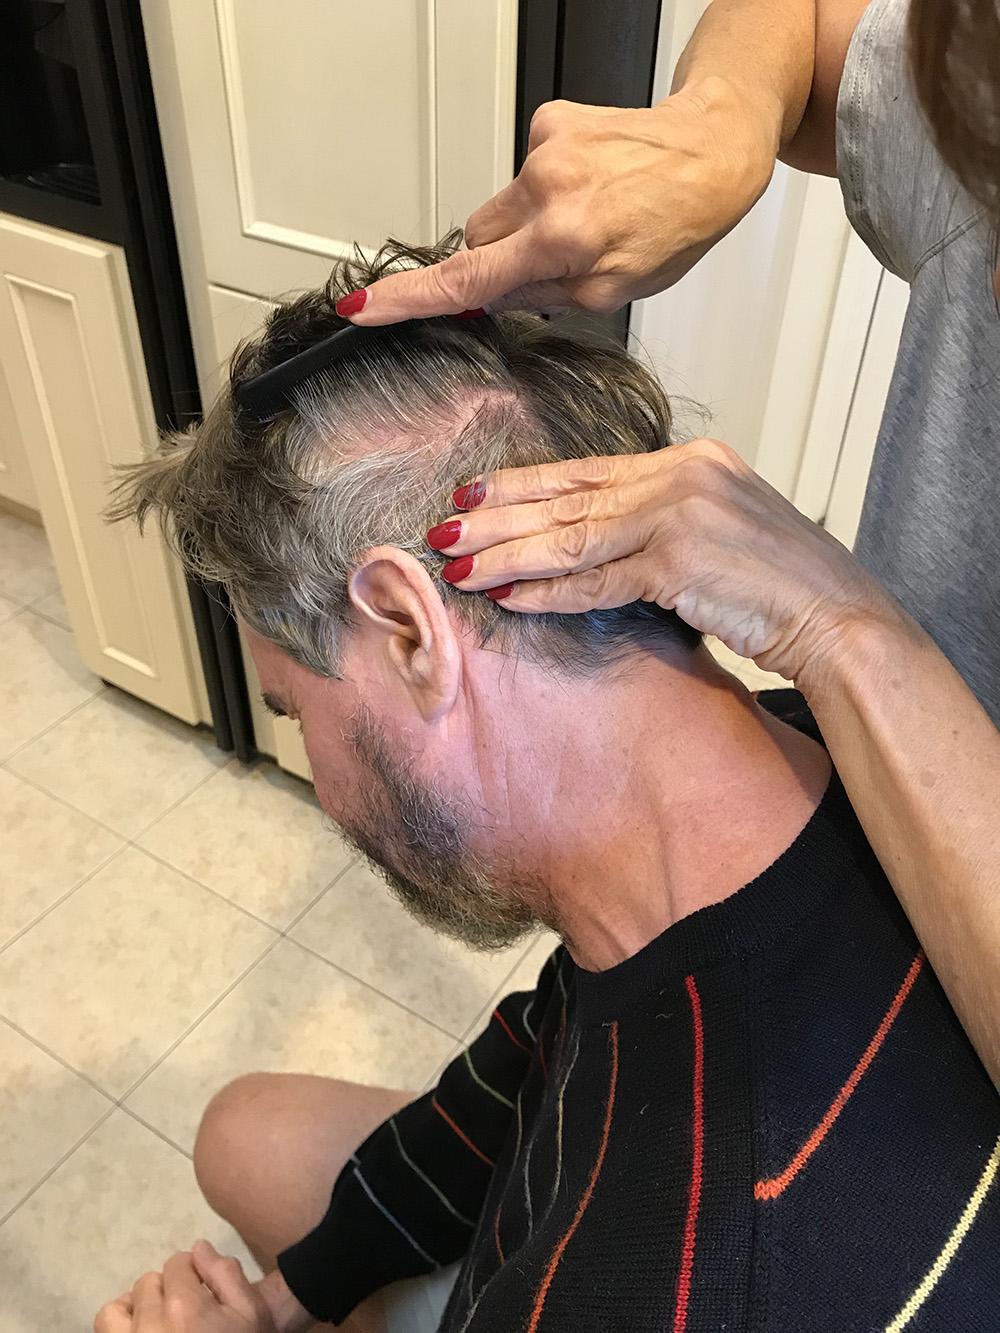 Lice Treatment in Albuquerque, NM